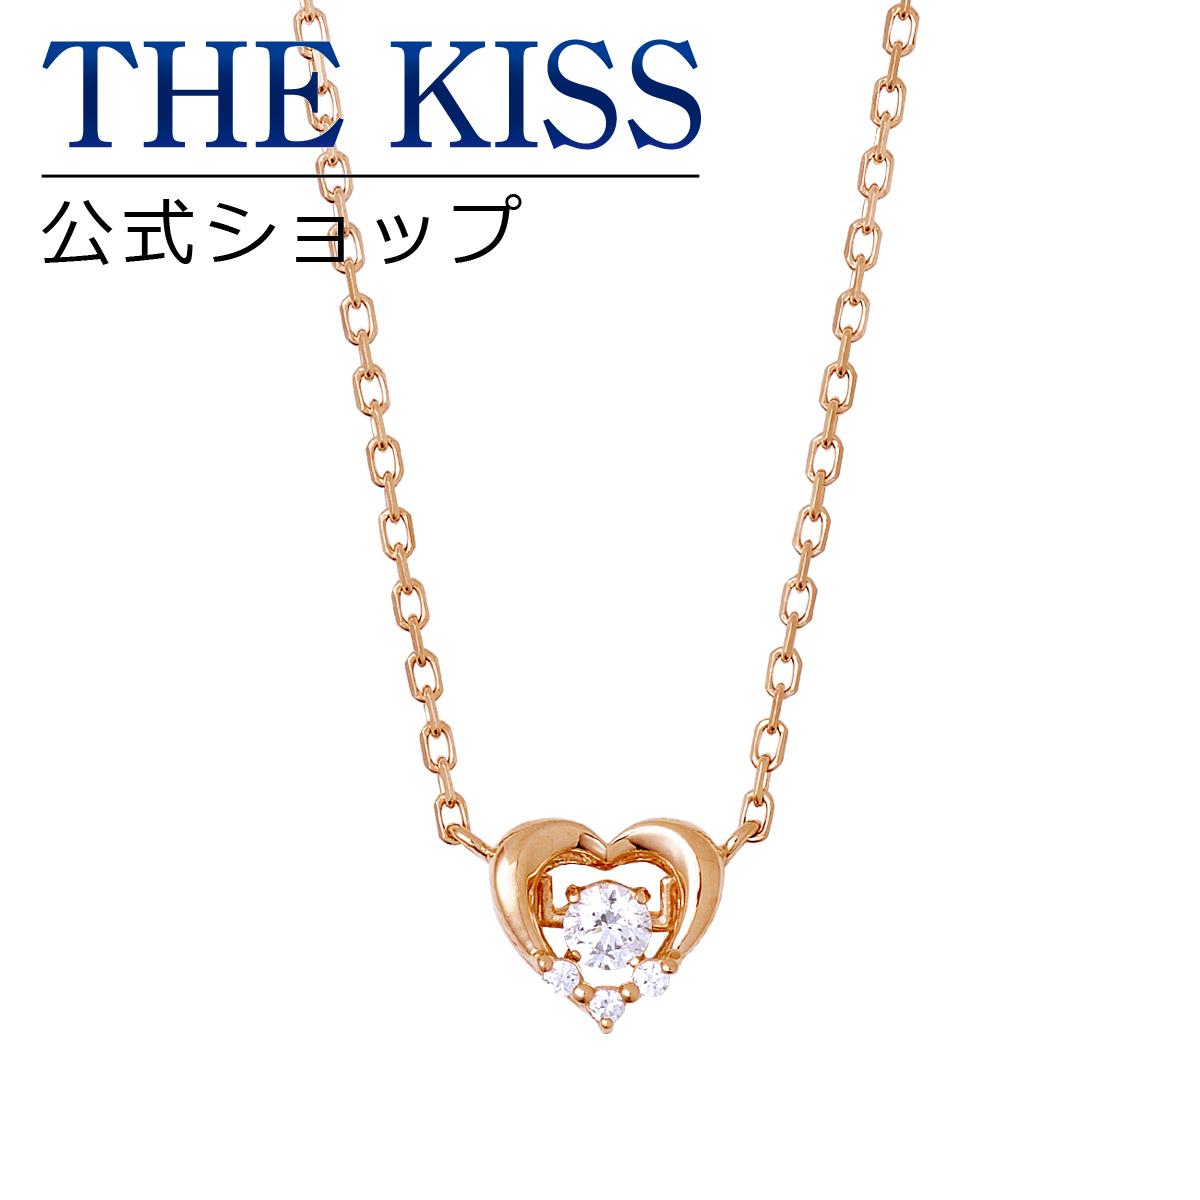 【あす楽対応】THE KISS 公式サイト シルバー ネックレス レディースジュエリー・アクセサリー ジュエリーブランド THEKISS ネックレス・ペンダント 記念日 SPD1410CB ザキス 【Twinkling】【送料無料】